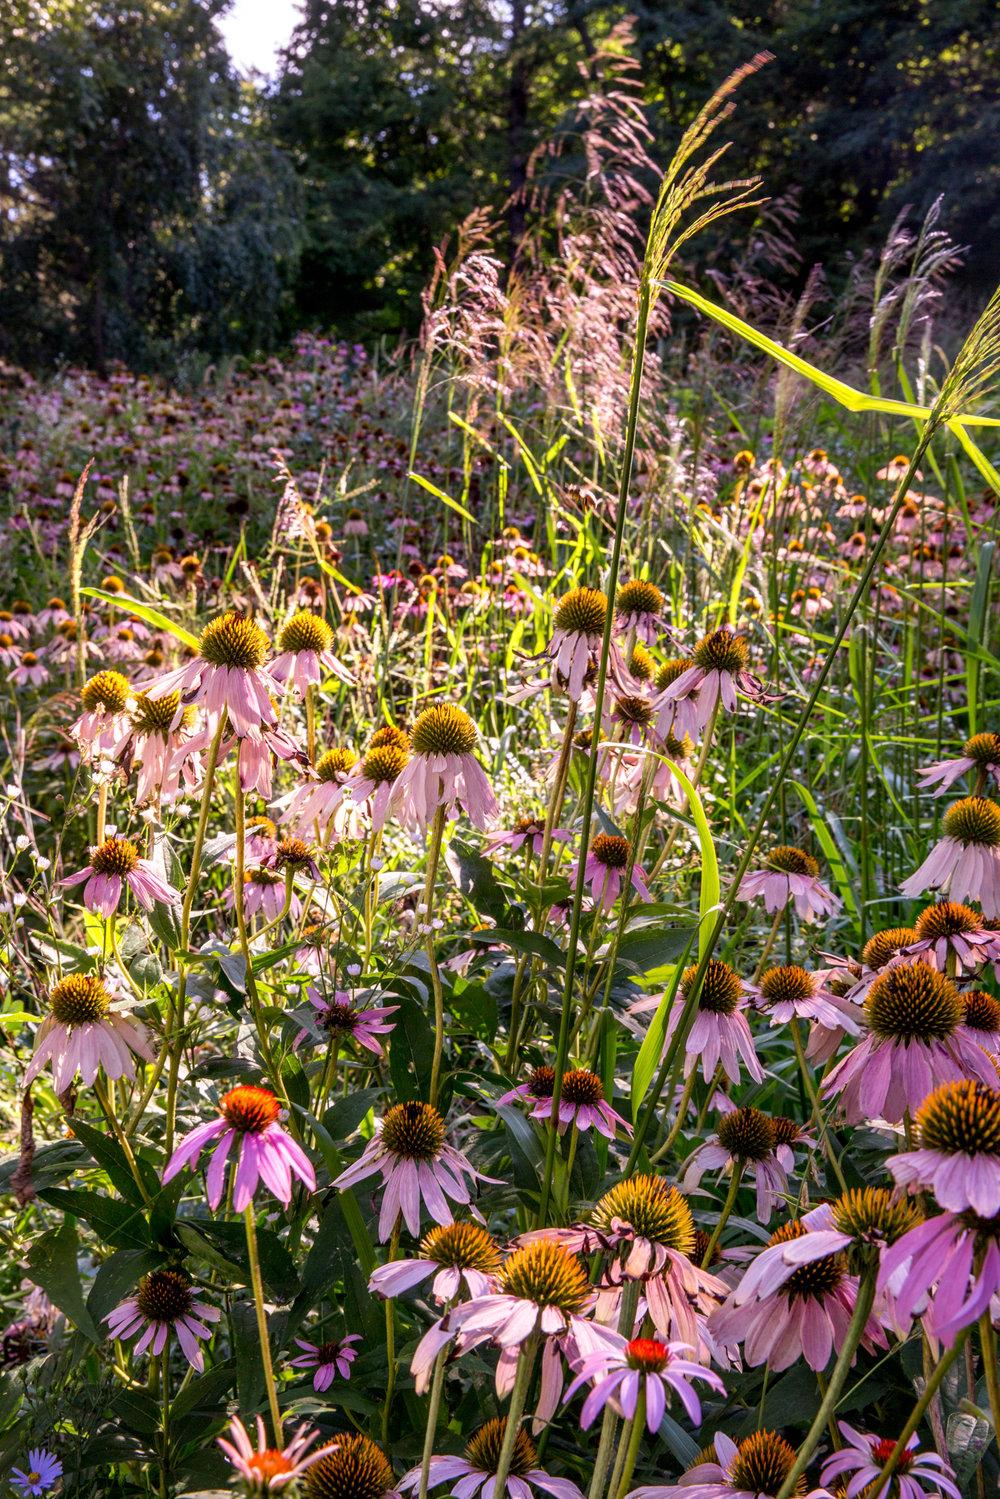 Jedlicka-Native-Garden-12-WB-6178497.jpg